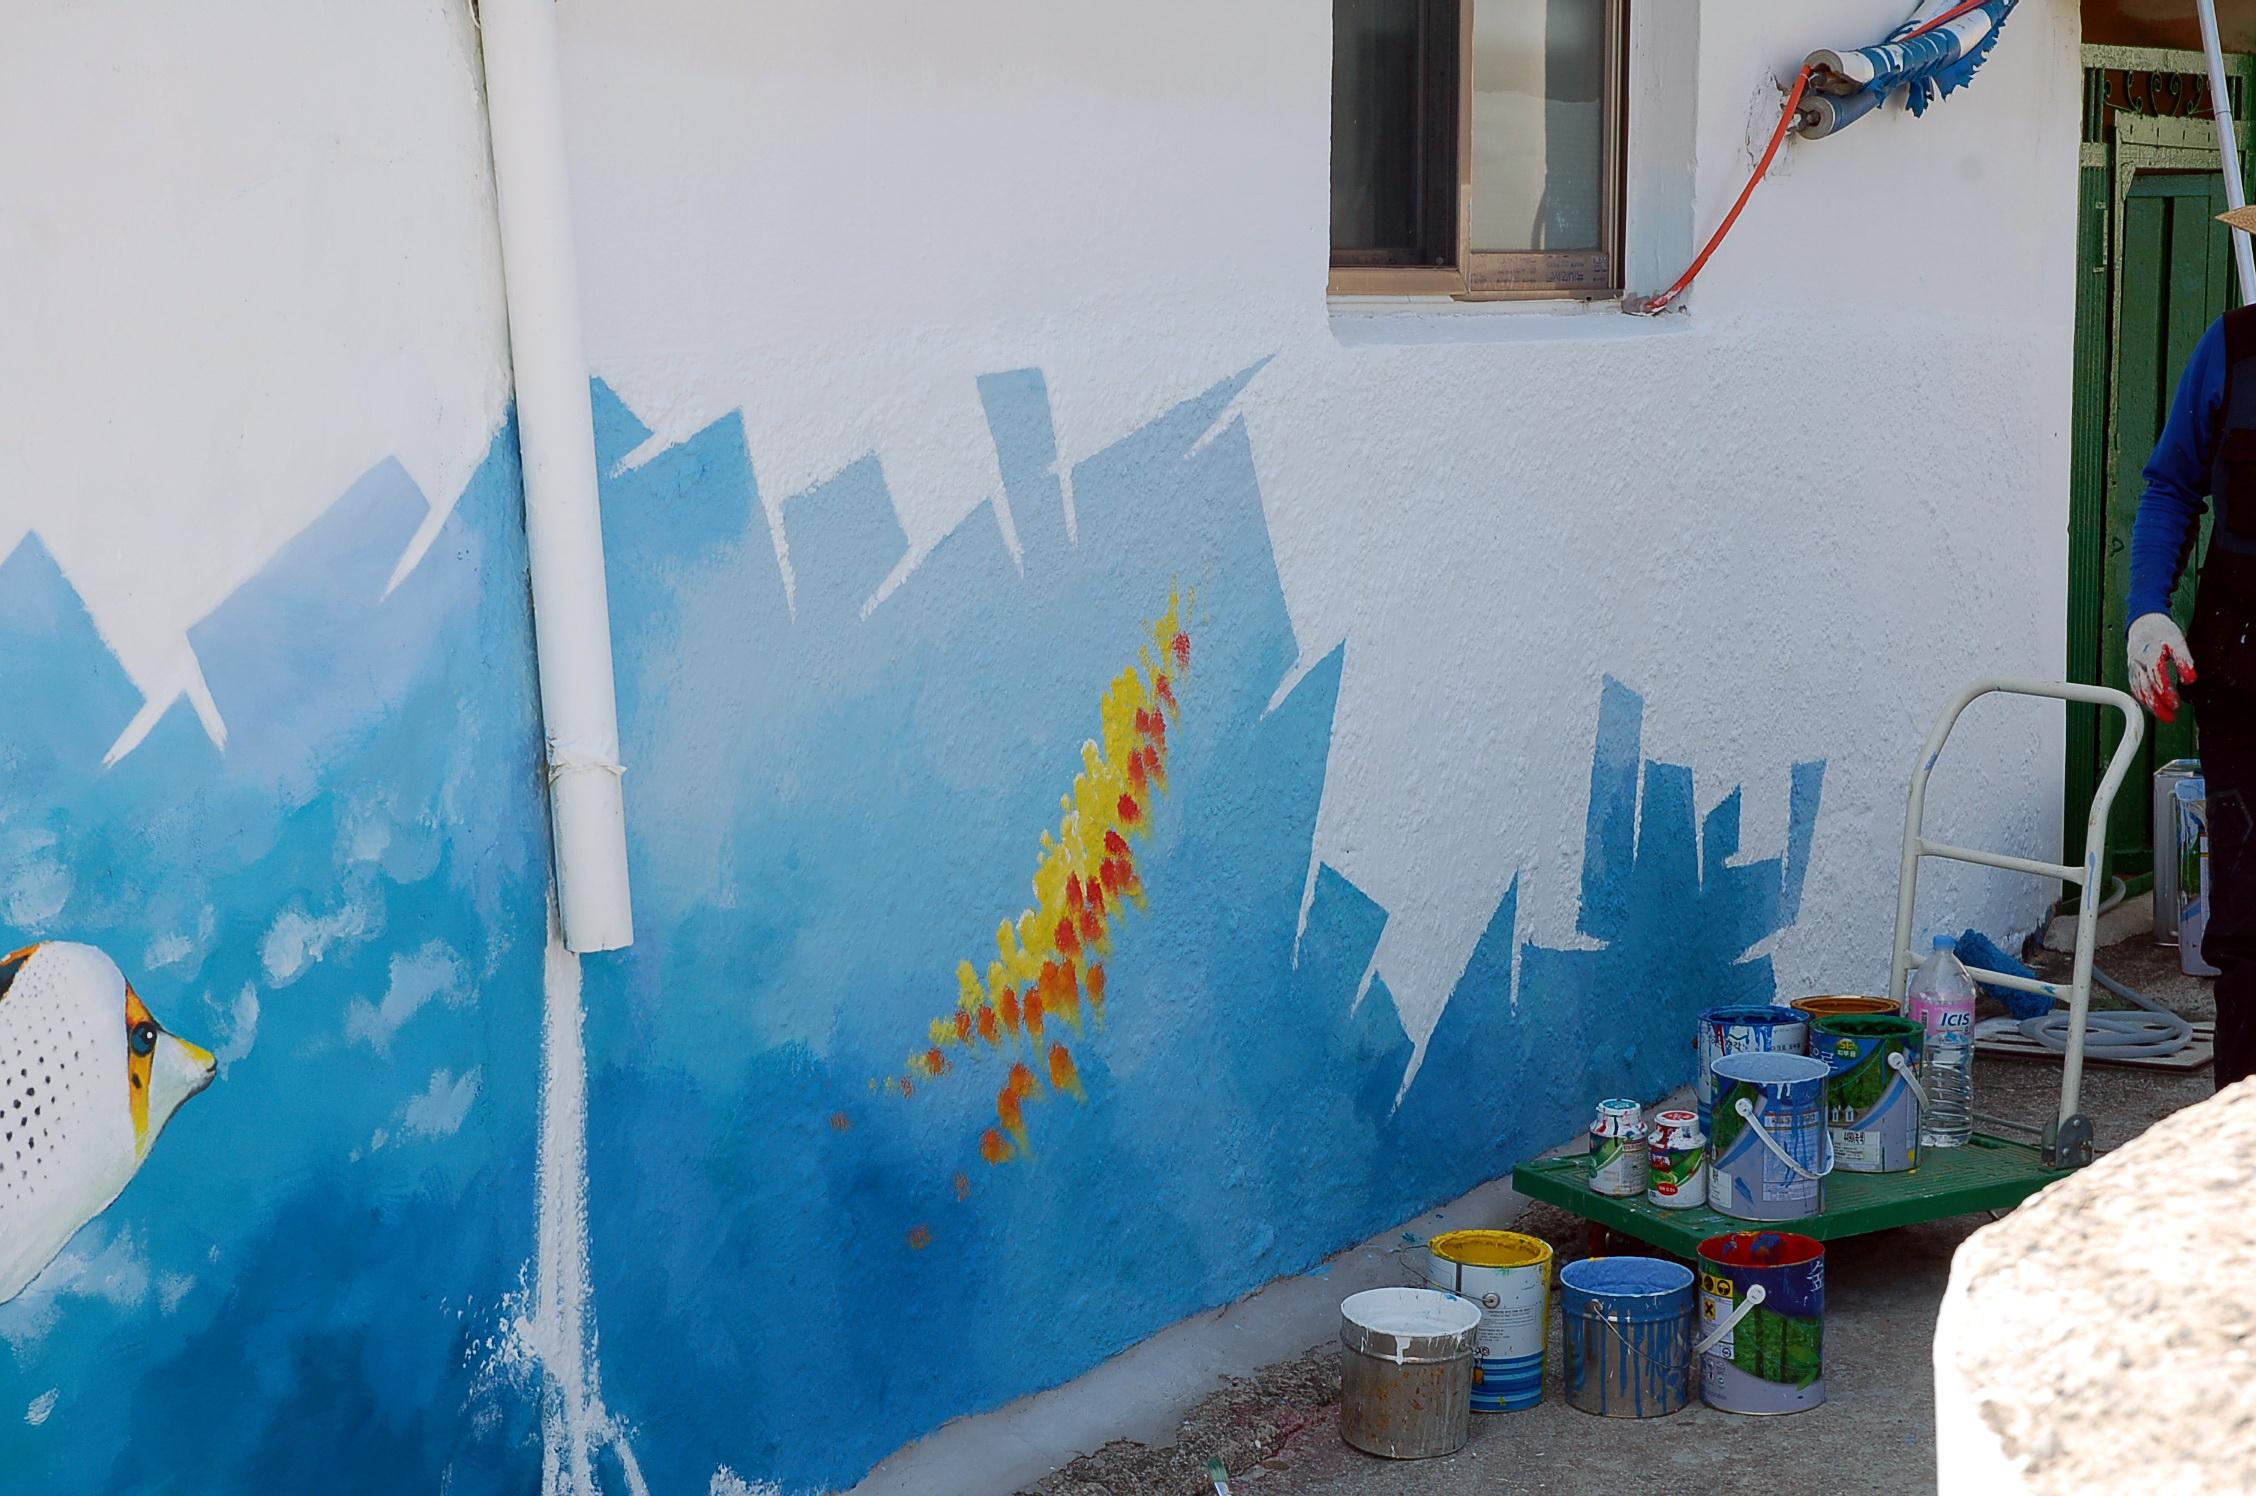 여수 벽화마을, 아직도 새로운 그림들이 계속 추가되고 있습니다.